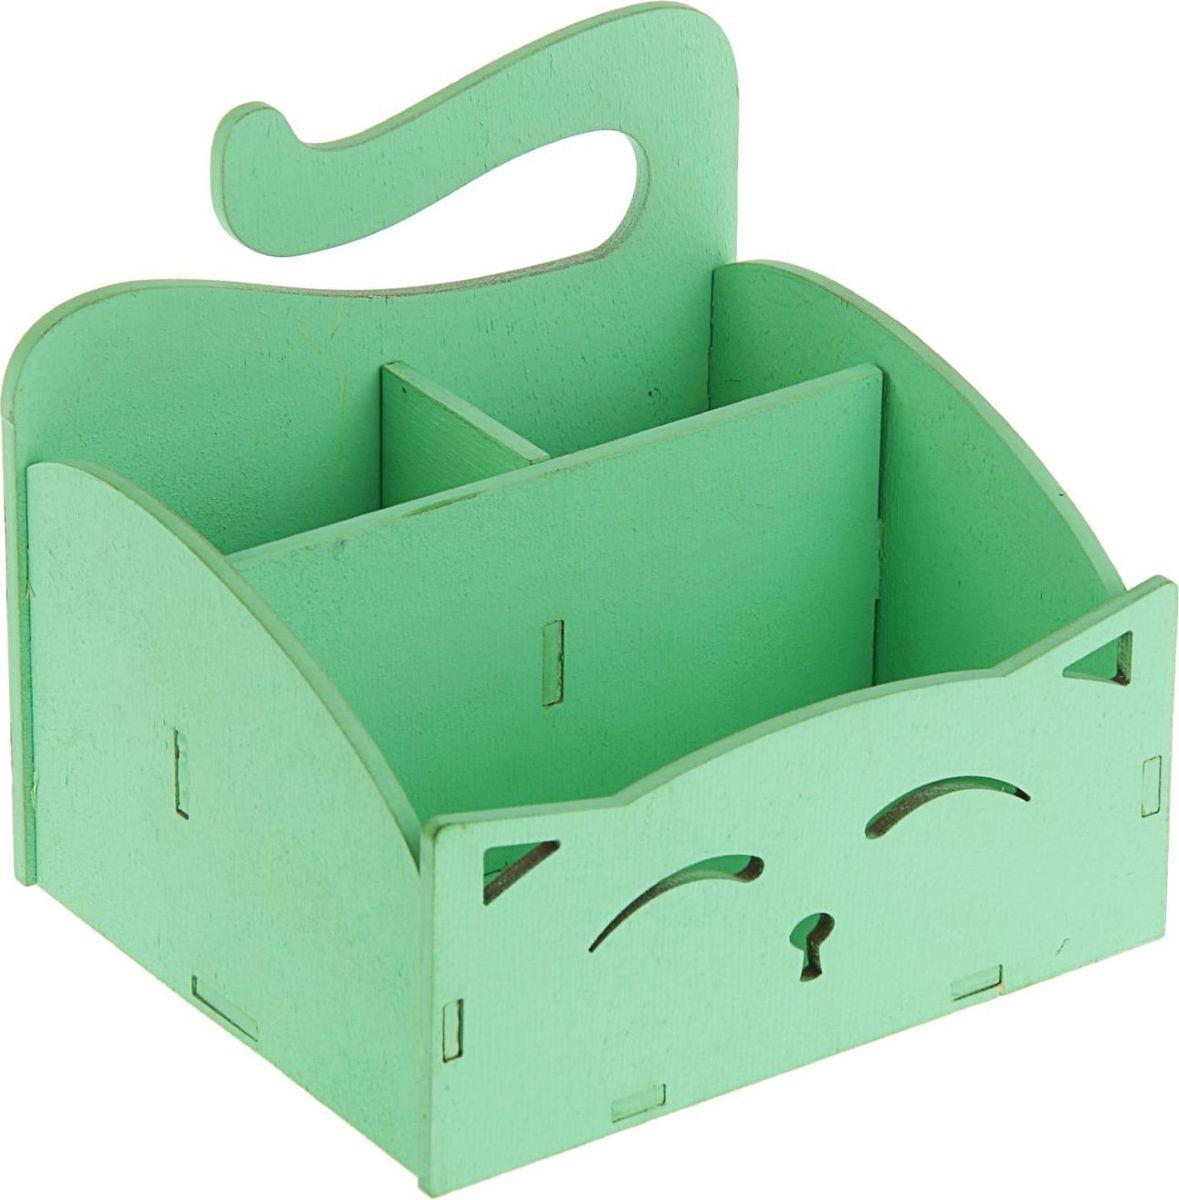 Кашпо ТД ДМ Ящик. Кошечка, цвет: зеленый, 15,4 х 13 х 13,5 см2306632— сувенир в полном смысле этого слова. И главная его задача — хранить воспоминание о месте, где вы побывали, или о том человеке, который подарил данный предмет. Преподнесите эту вещь своему другу, и она станет достойным украшением его дома.